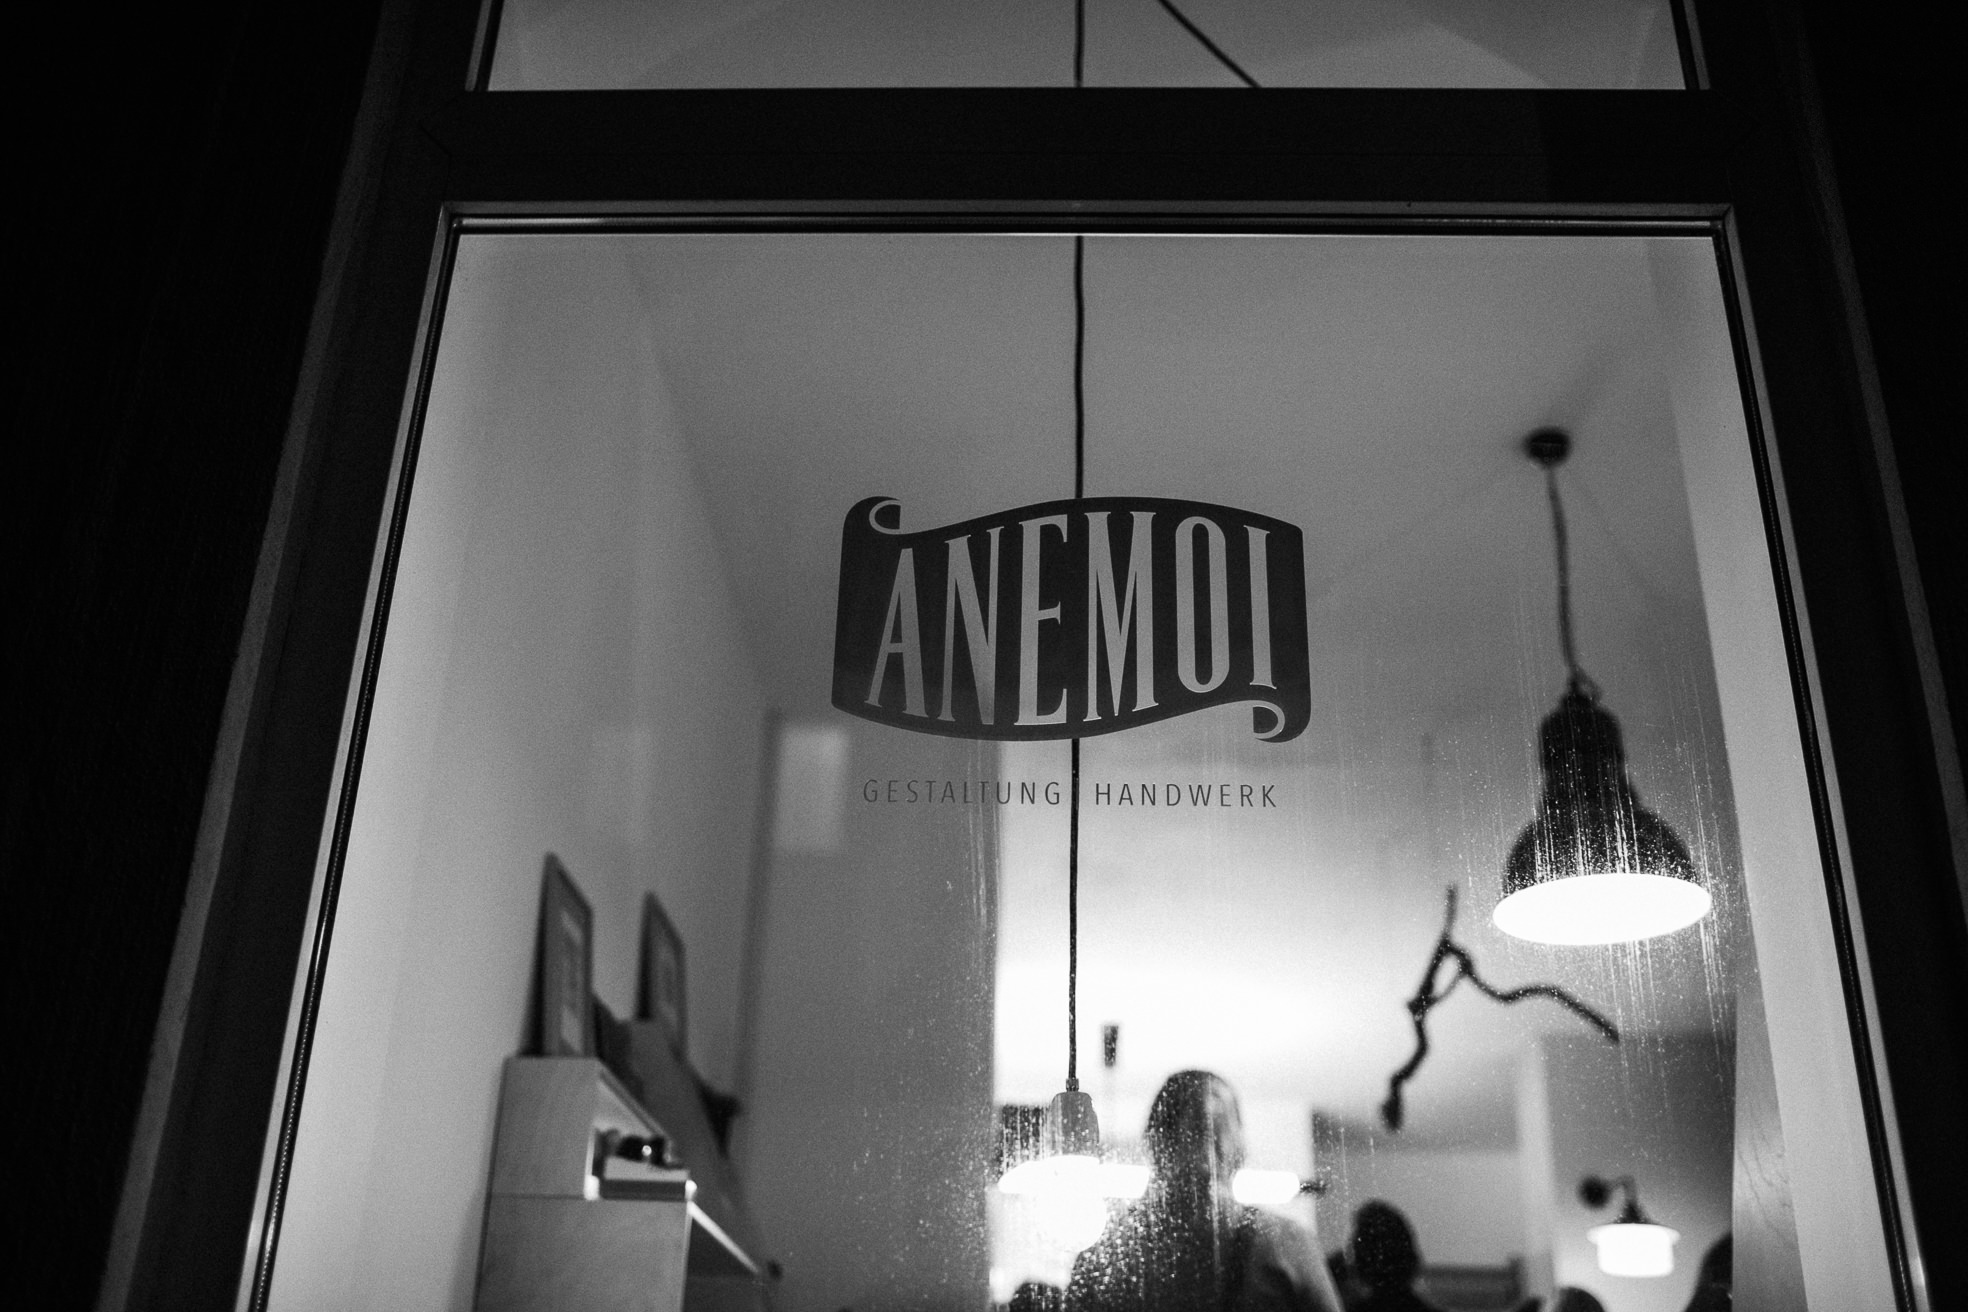 0082-Unternehmerinnen-Treffen-Anemoi--IM3C6971